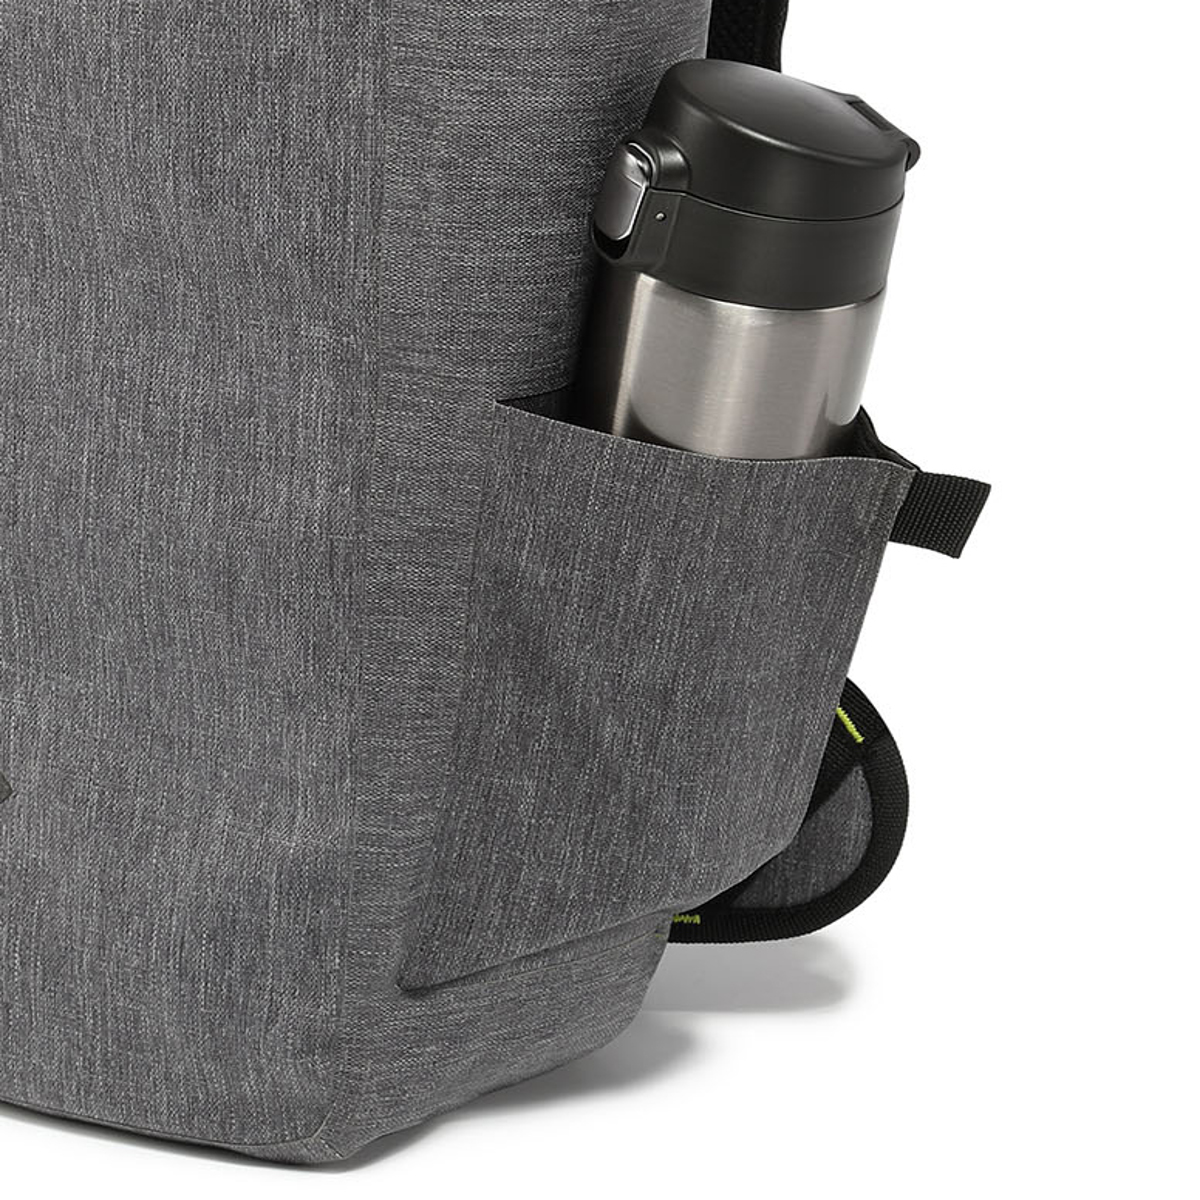 サーファーが開発した「防水バックパック Code 10」|《DAYPACK》全面に衝撃吸収パッドを内蔵。防水構造・ハイテク収納を搭載したシティバックパック| Code 10